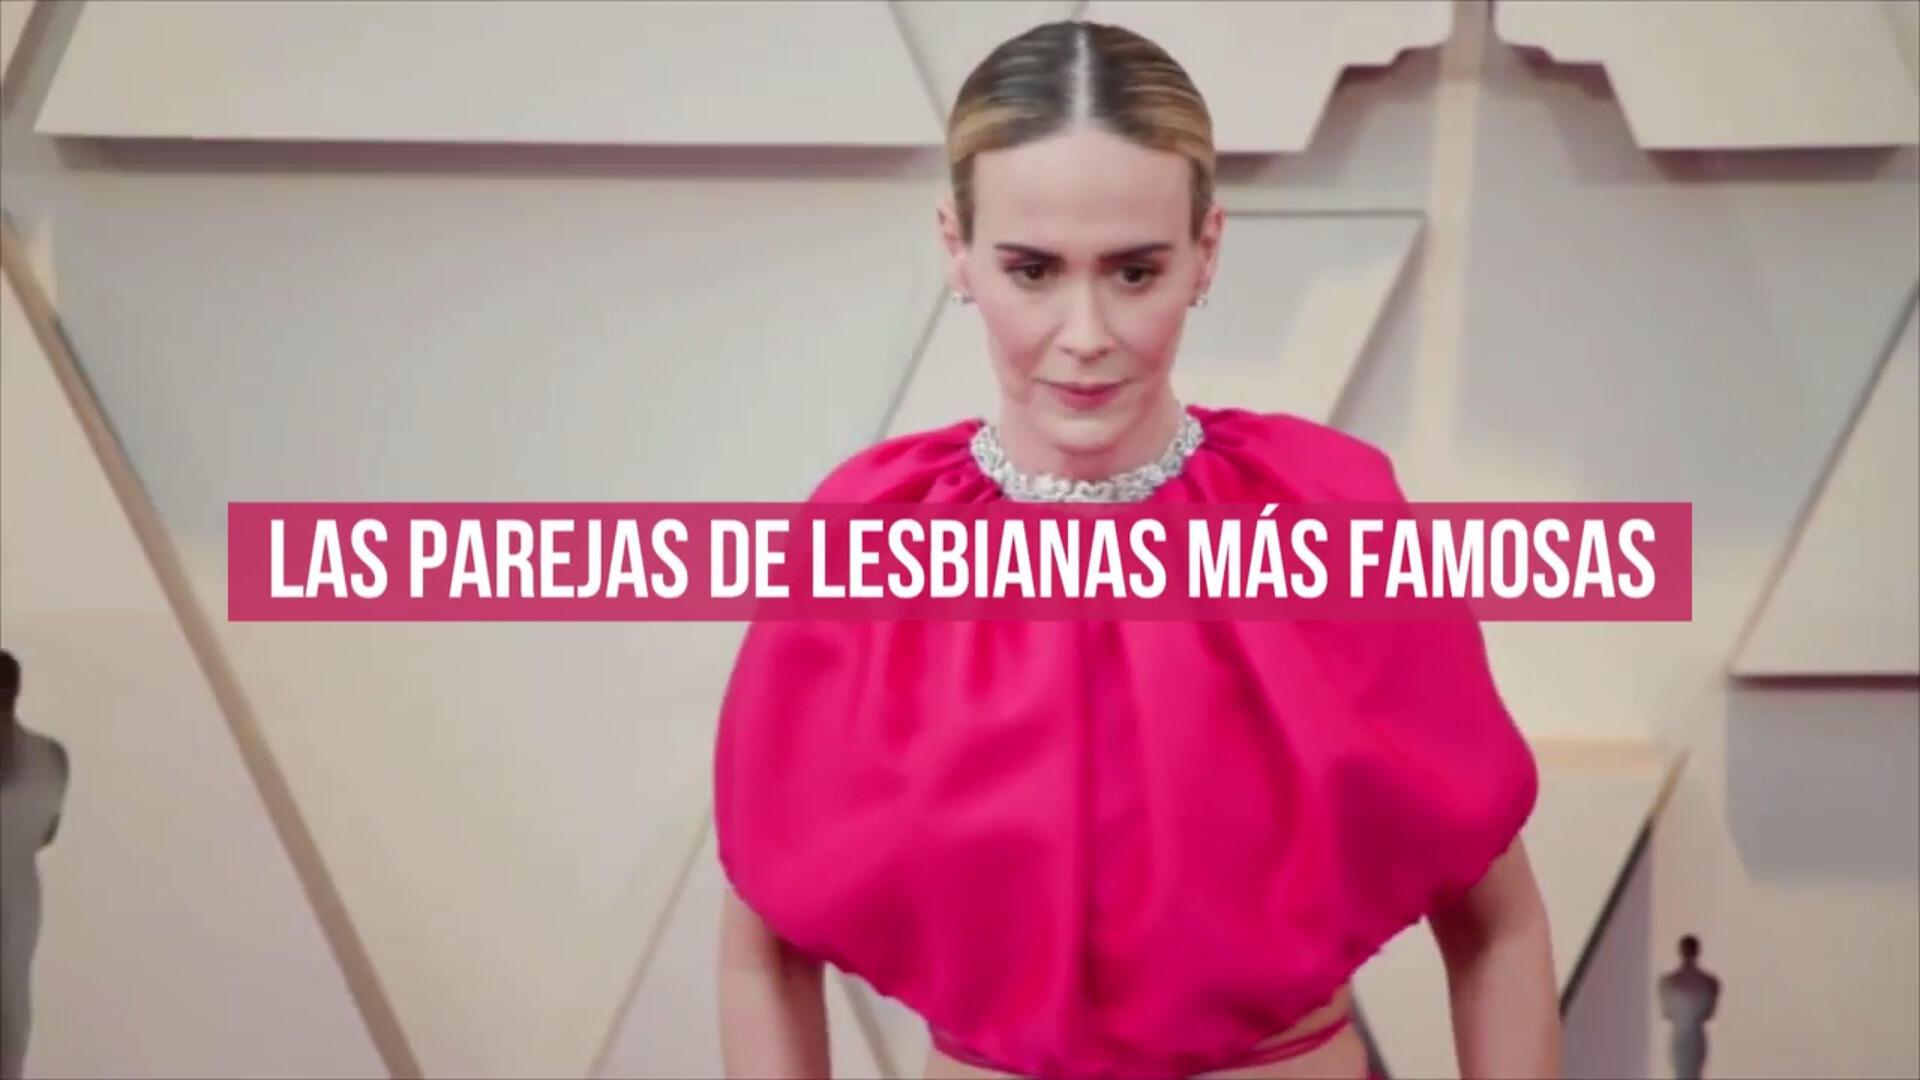 Las parejas más famosas de lesbianas